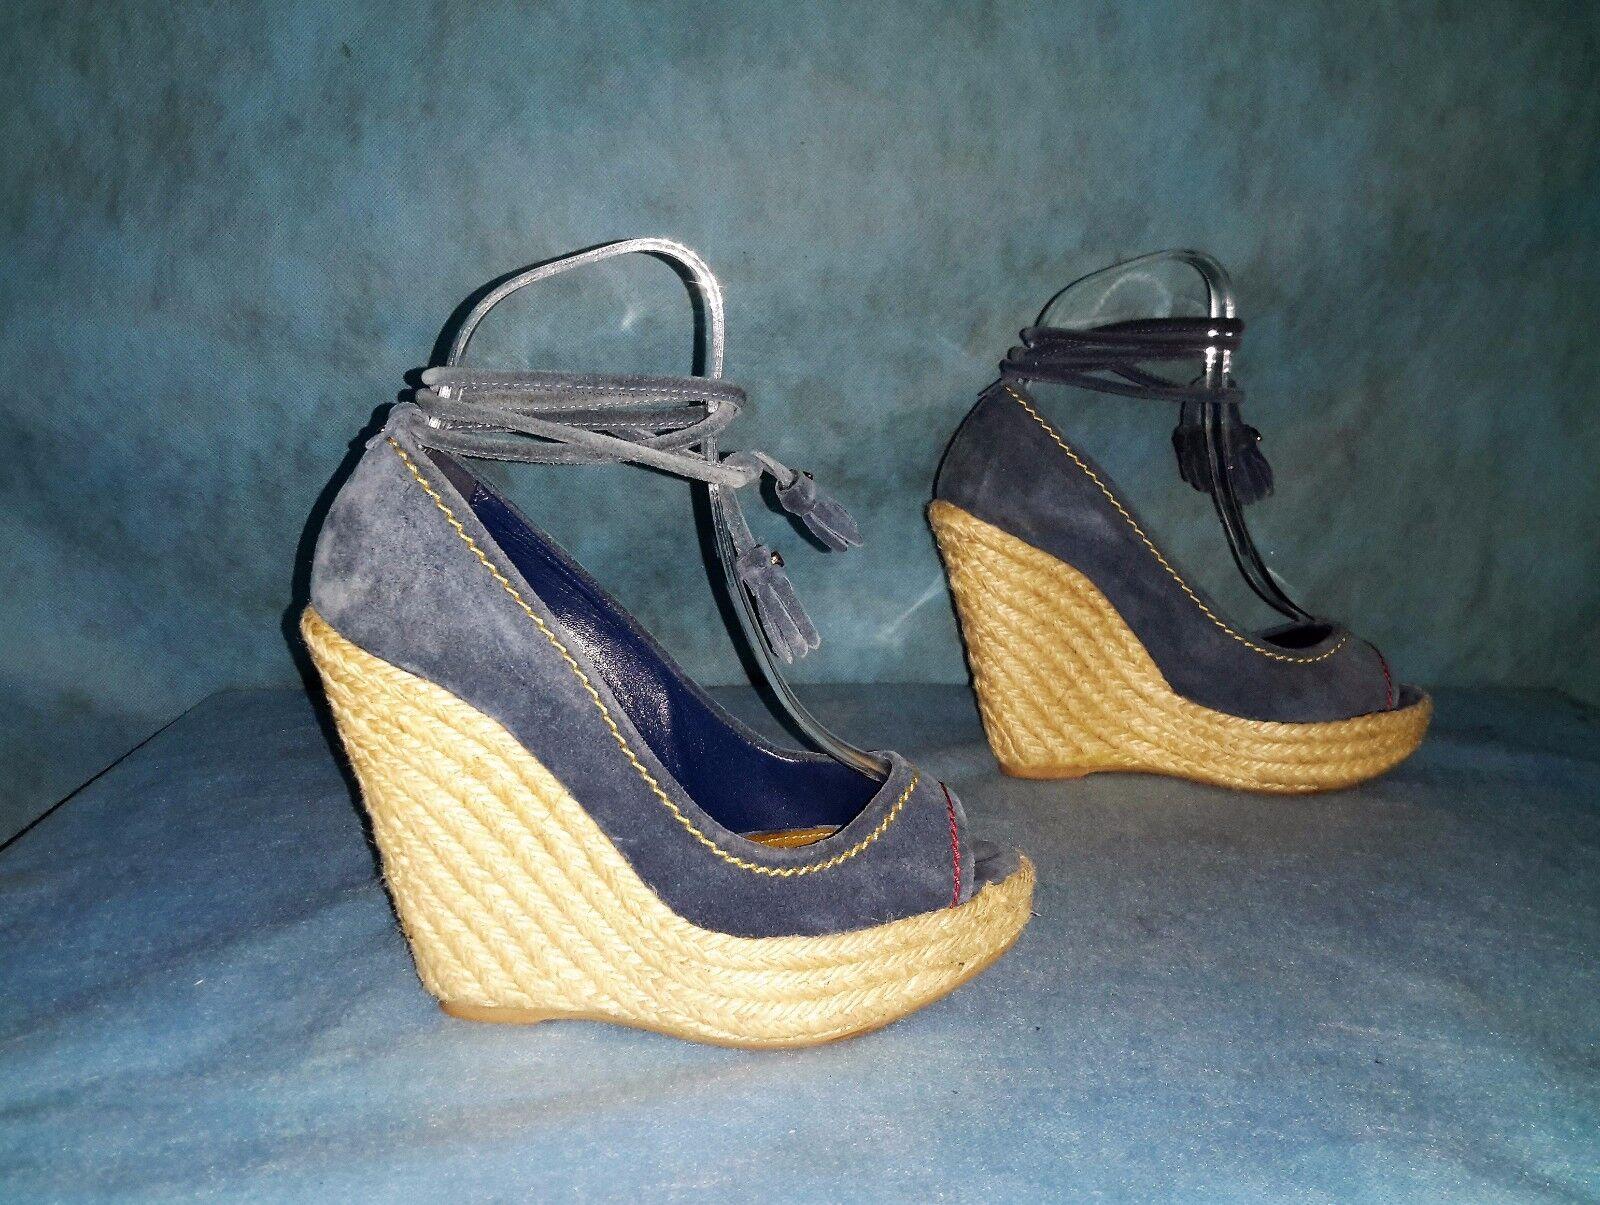 Sandali con taglia zeppa SERGIO ROSSI pelle camoscio blu taglia con 36 fr stato perfetto 89ab4a